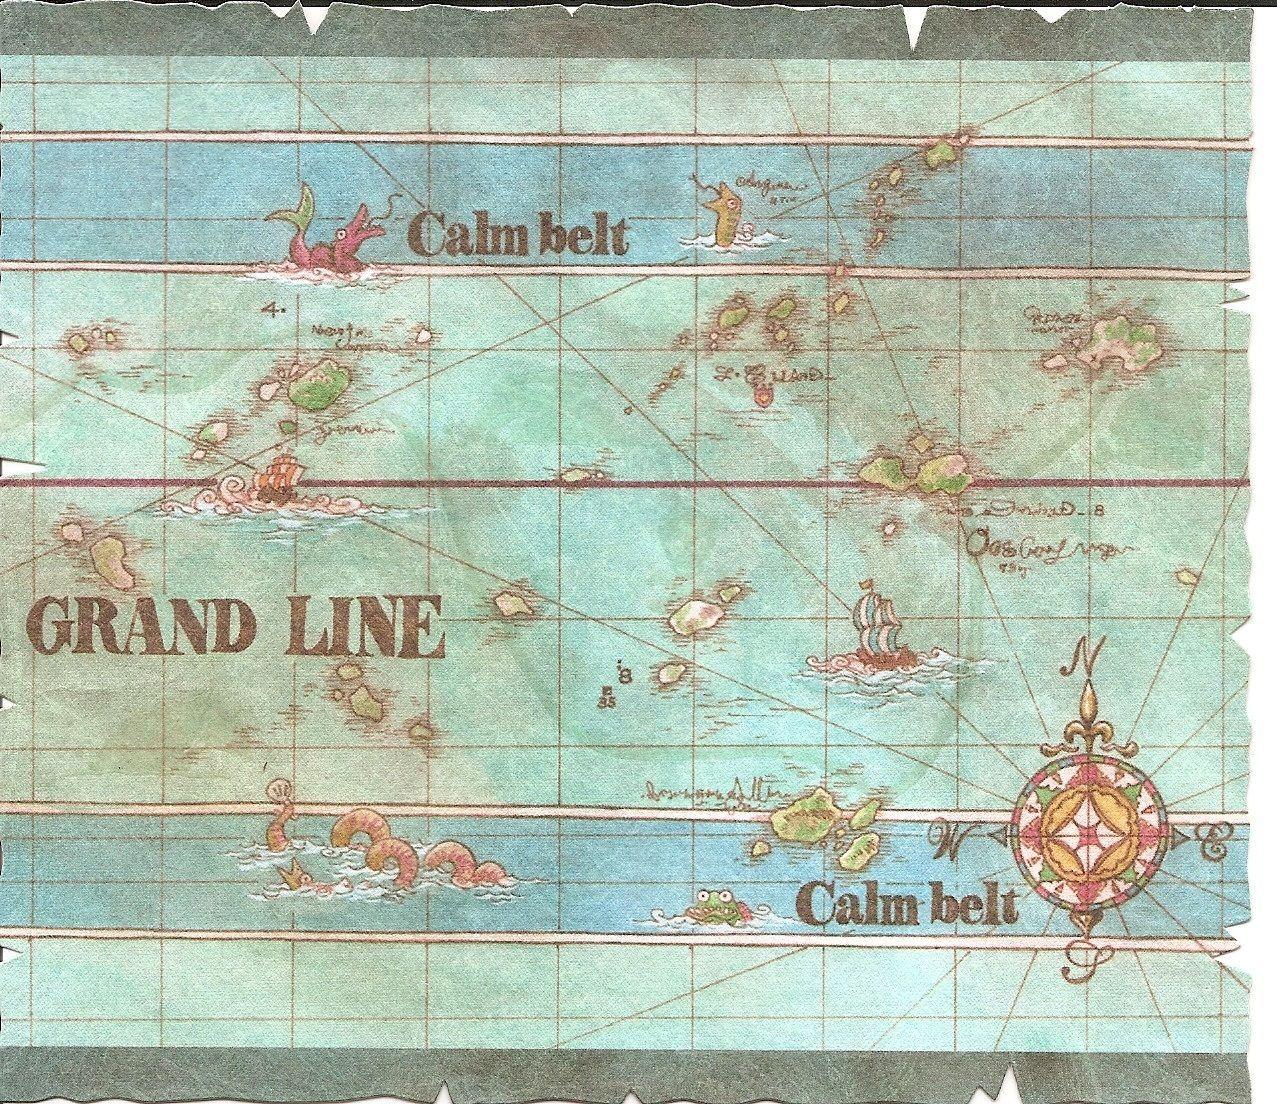 ¿Cuál era la isla a la que se dirigían los mugiwara tras salir de la Isla Gyojin?